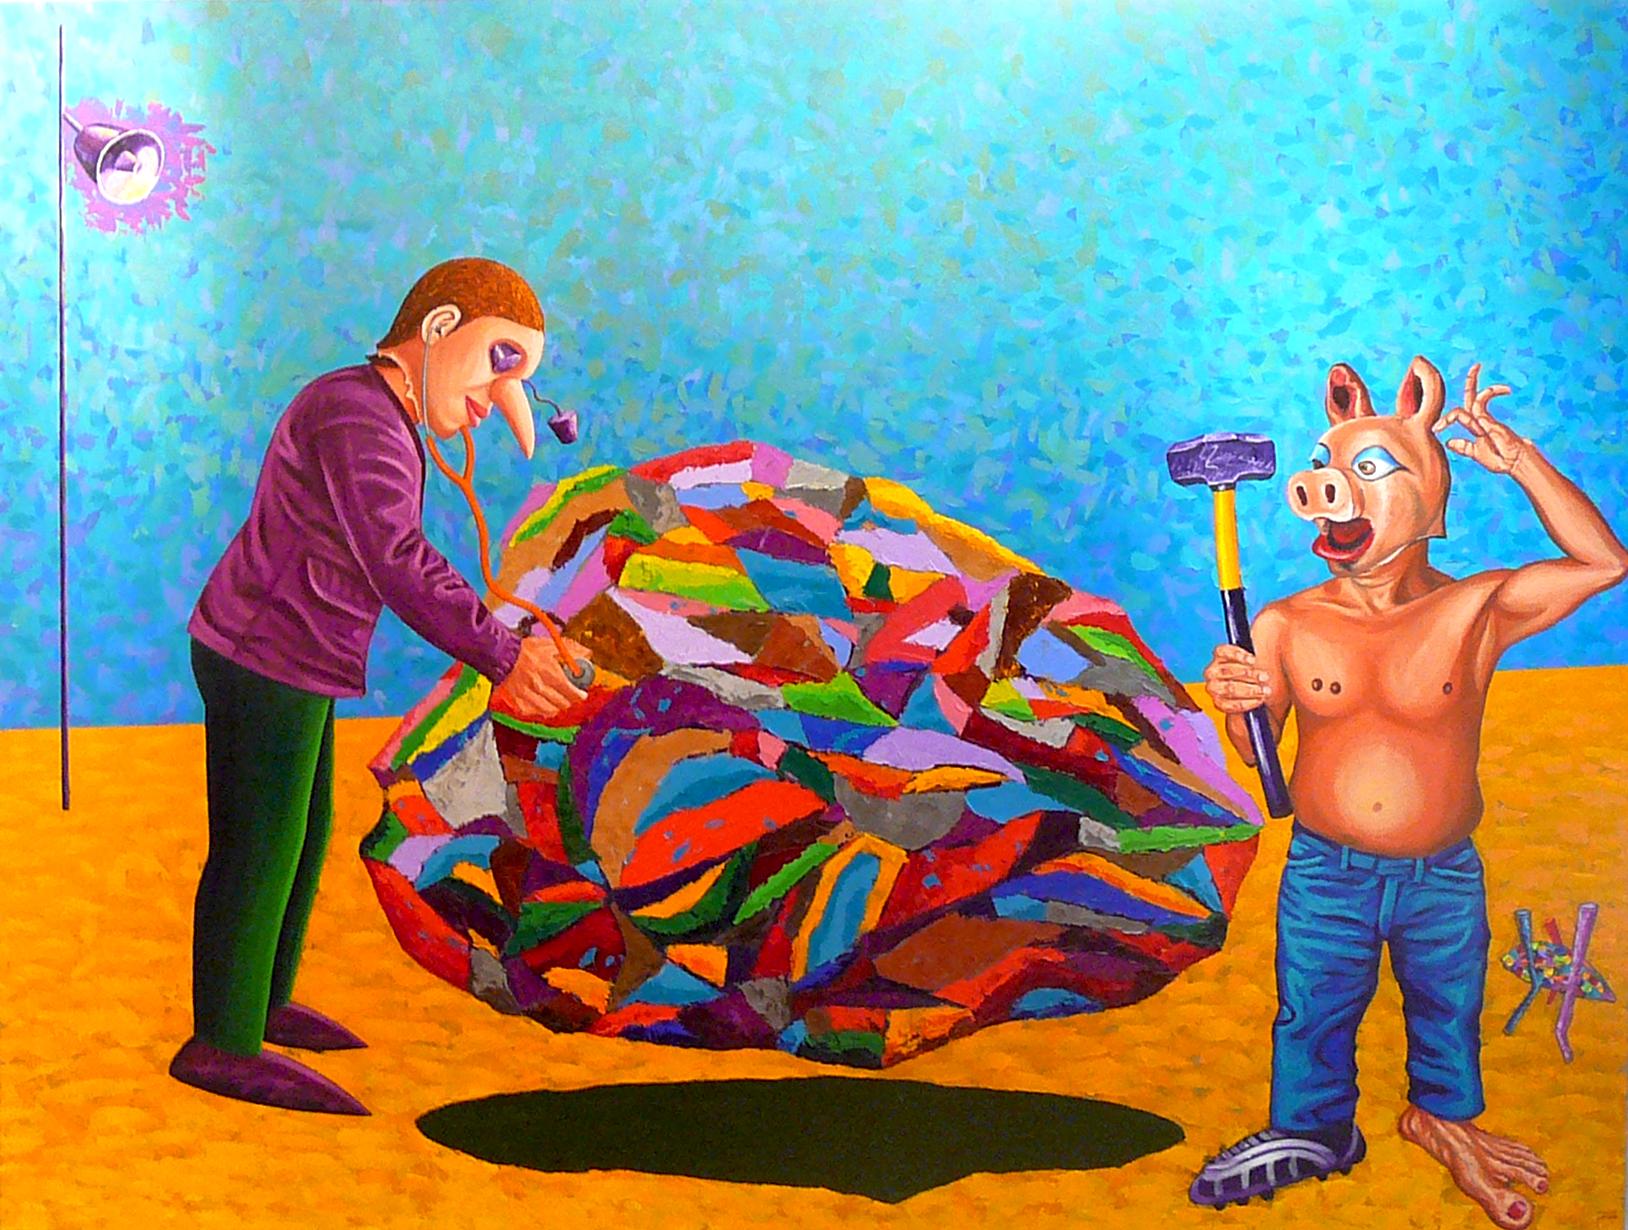 Exposición W Paccha nov 2012 023.jpg